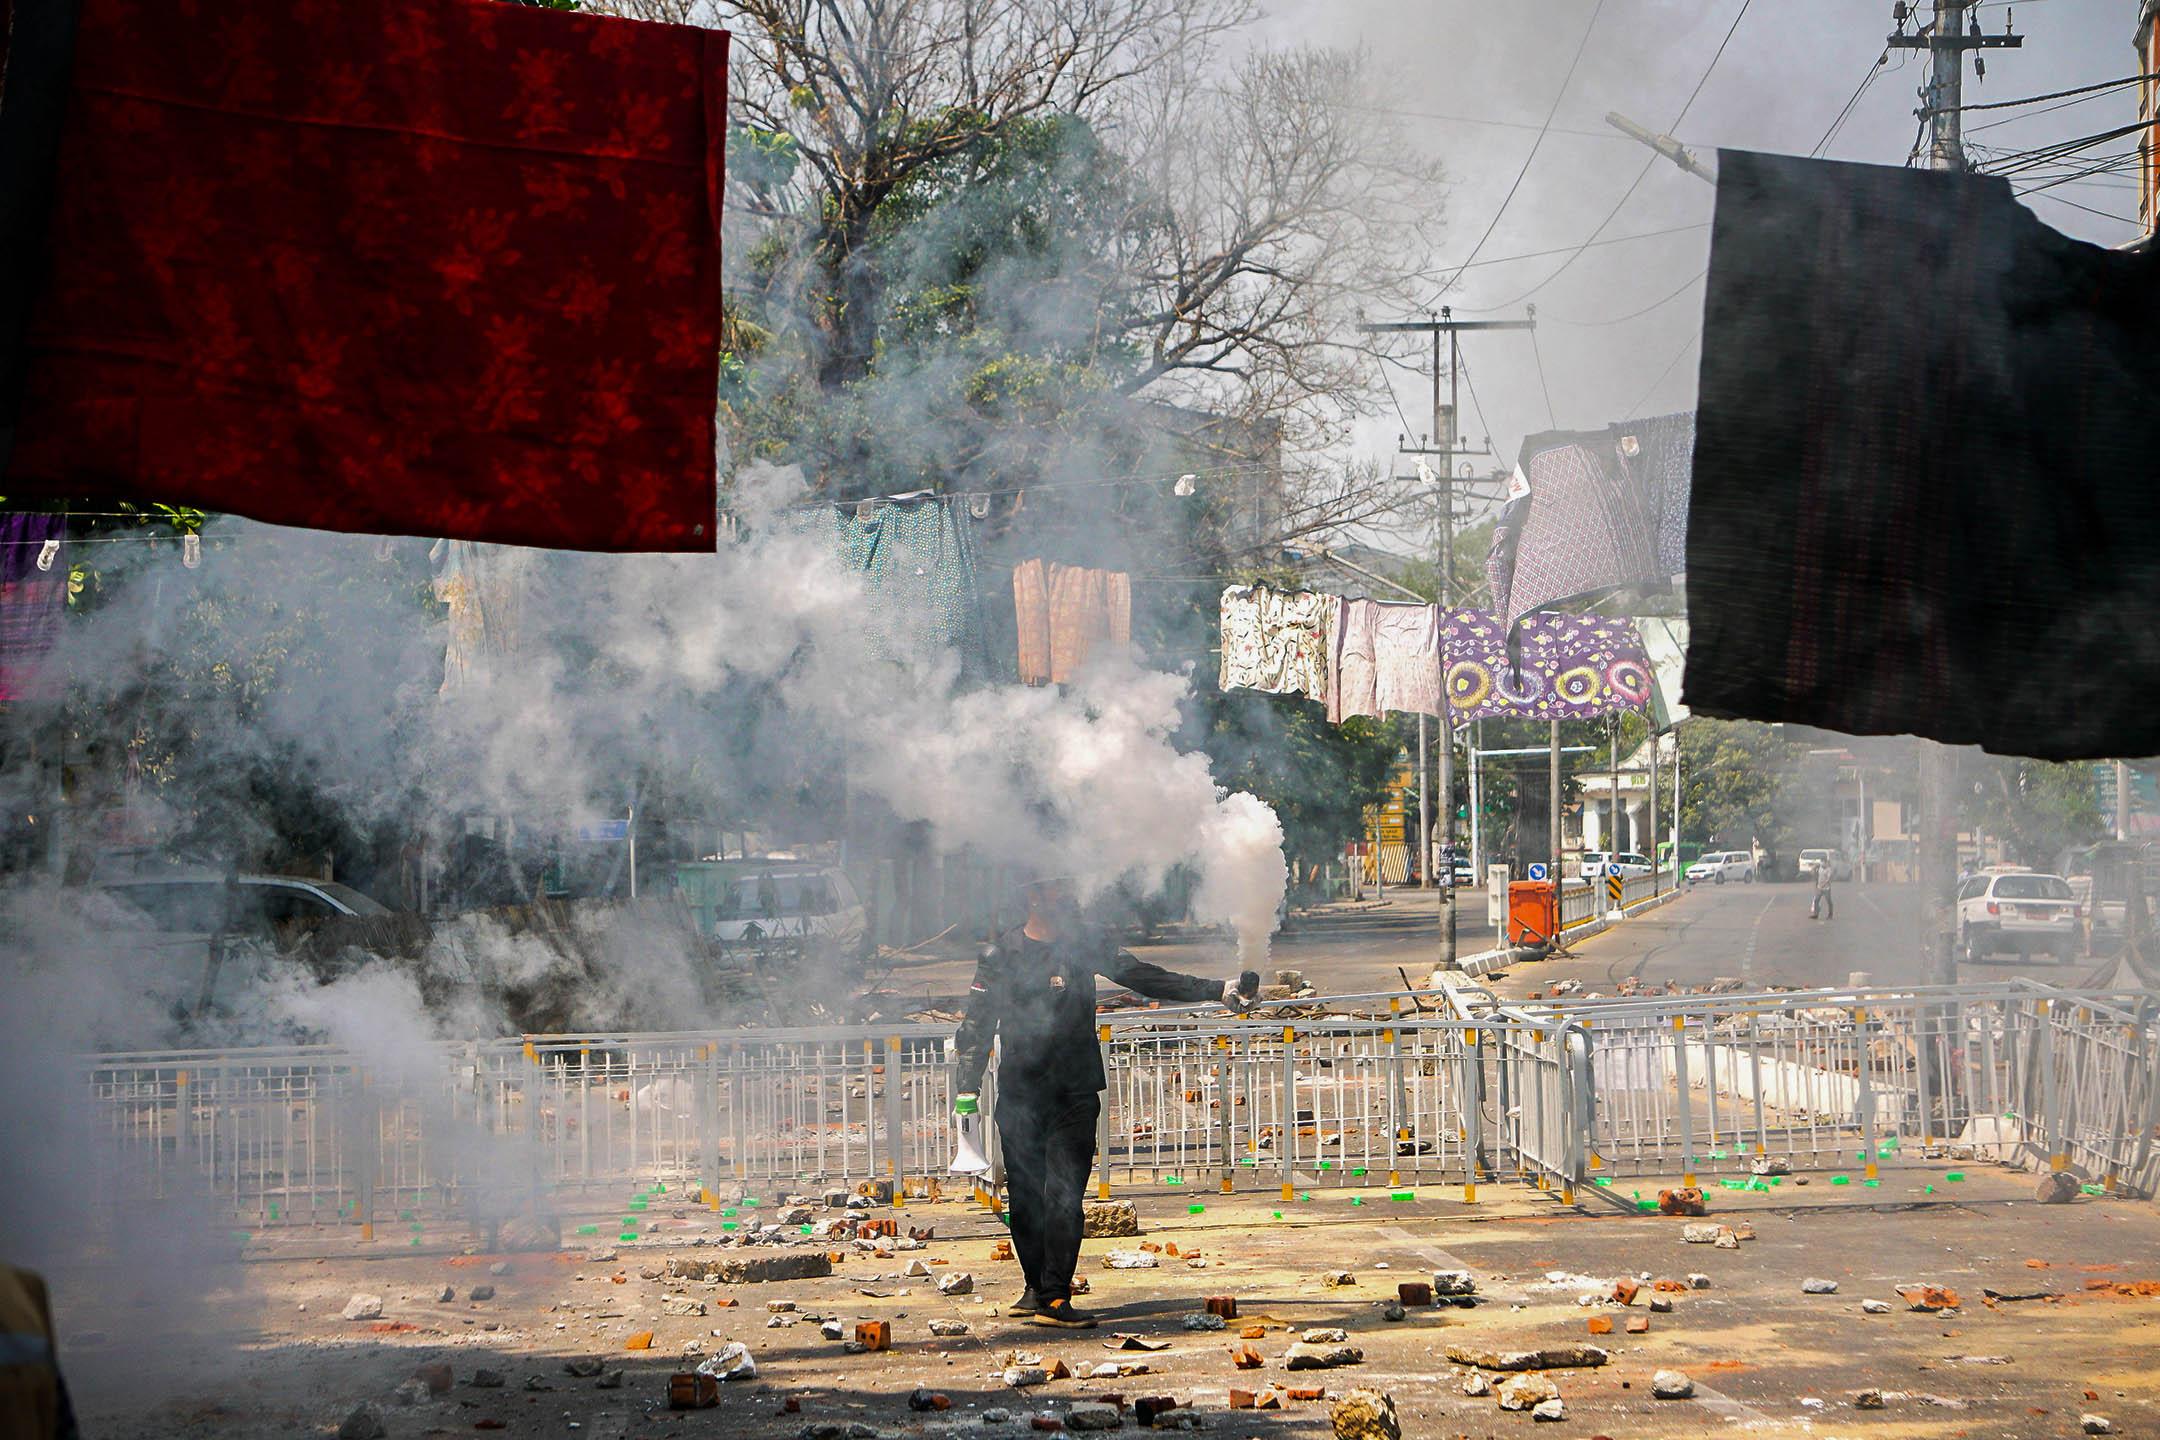 2021年3月9日緬甸仰光,示威者在反政變抗議活動中手持自製的煙霧彈抵抗軍方鎮壓。 攝:Stringer/Anadolu Agency via Getty Images